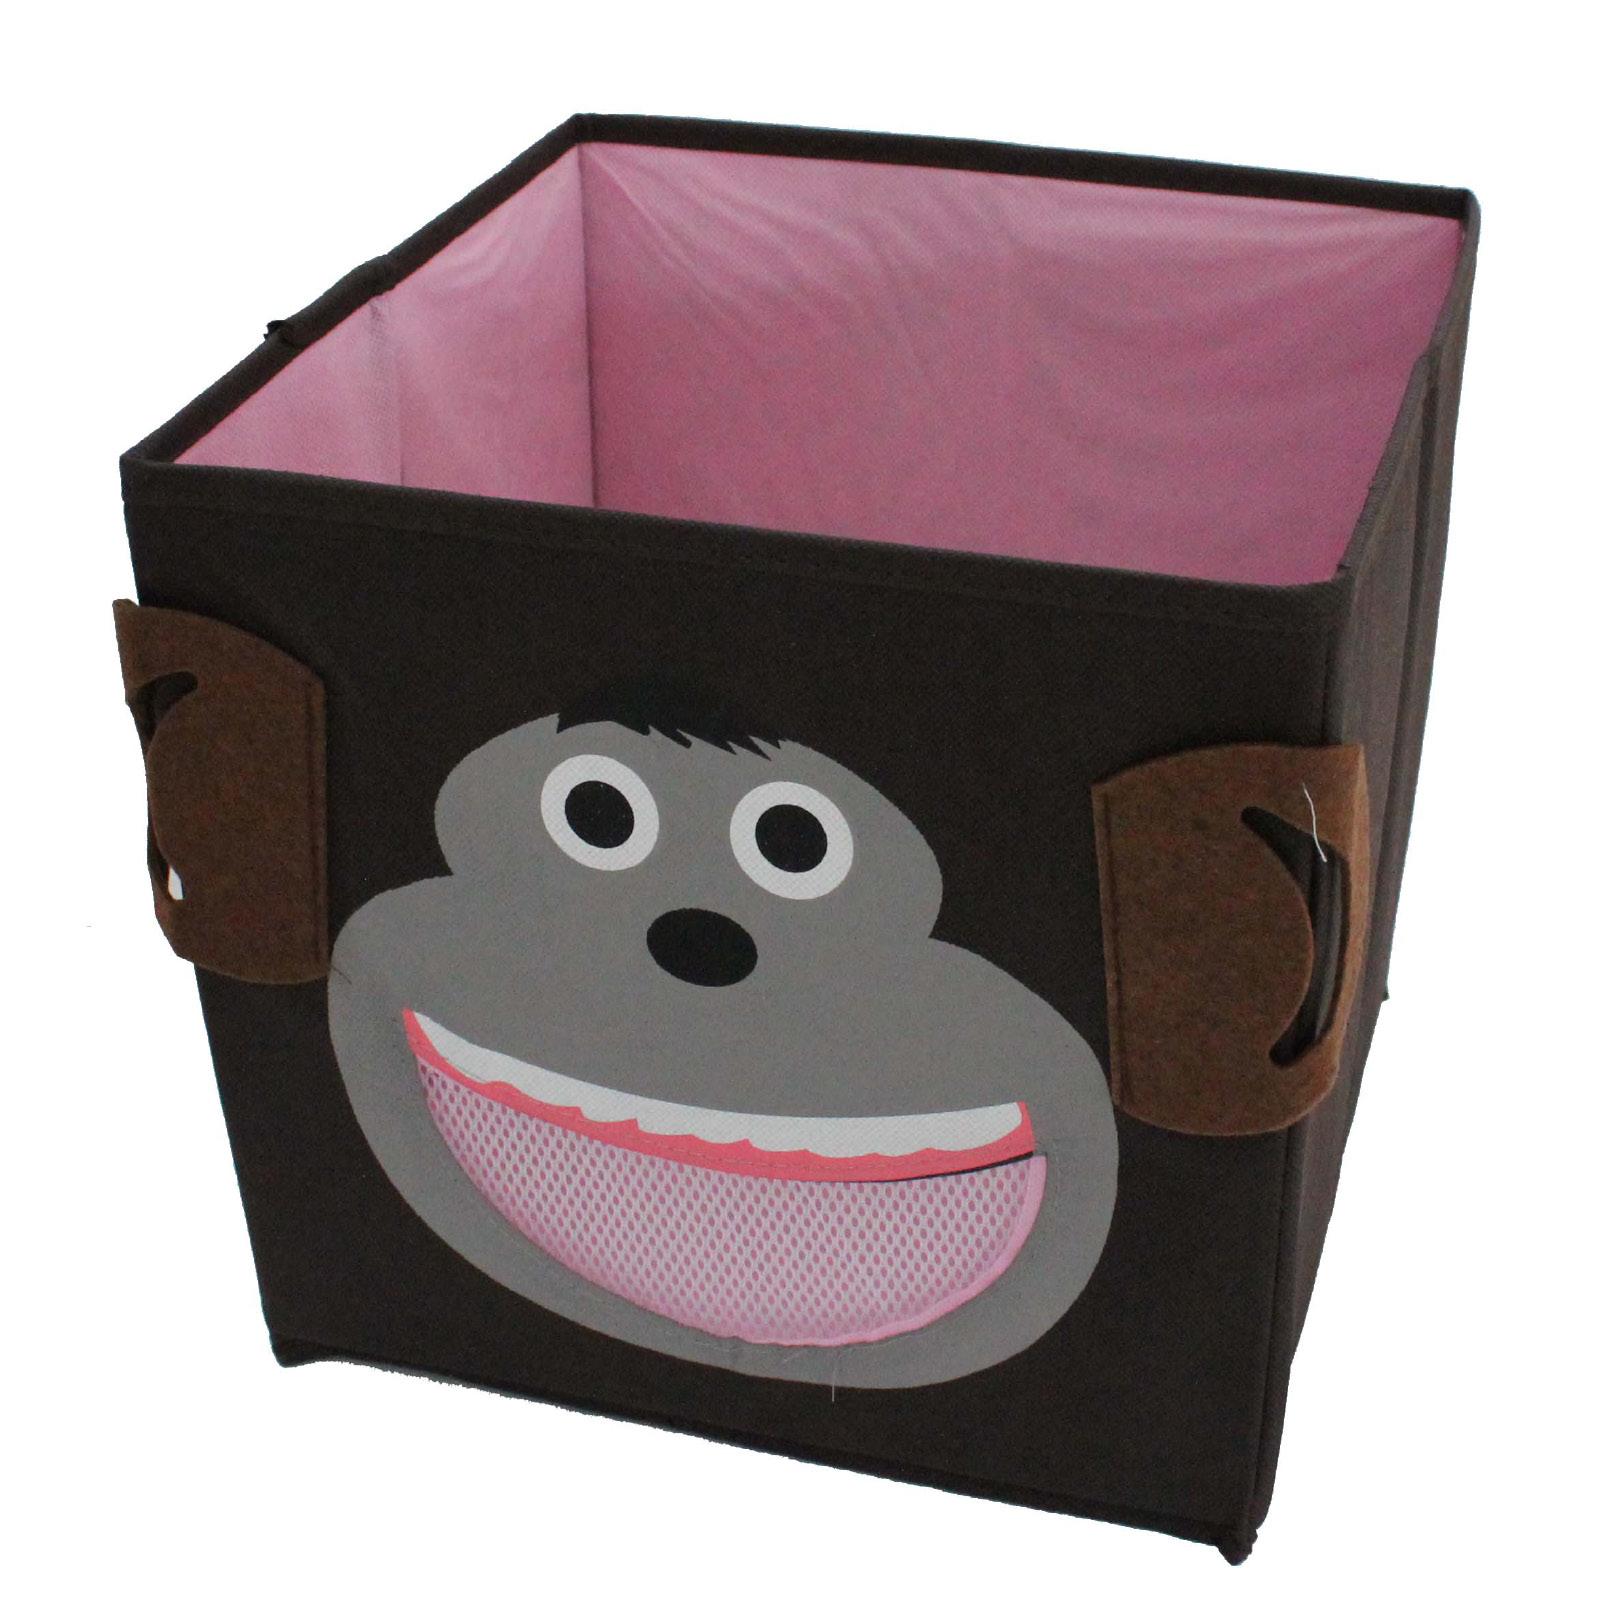 aufbewahrungsbox b cher kiste spielzeug box kinder. Black Bedroom Furniture Sets. Home Design Ideas